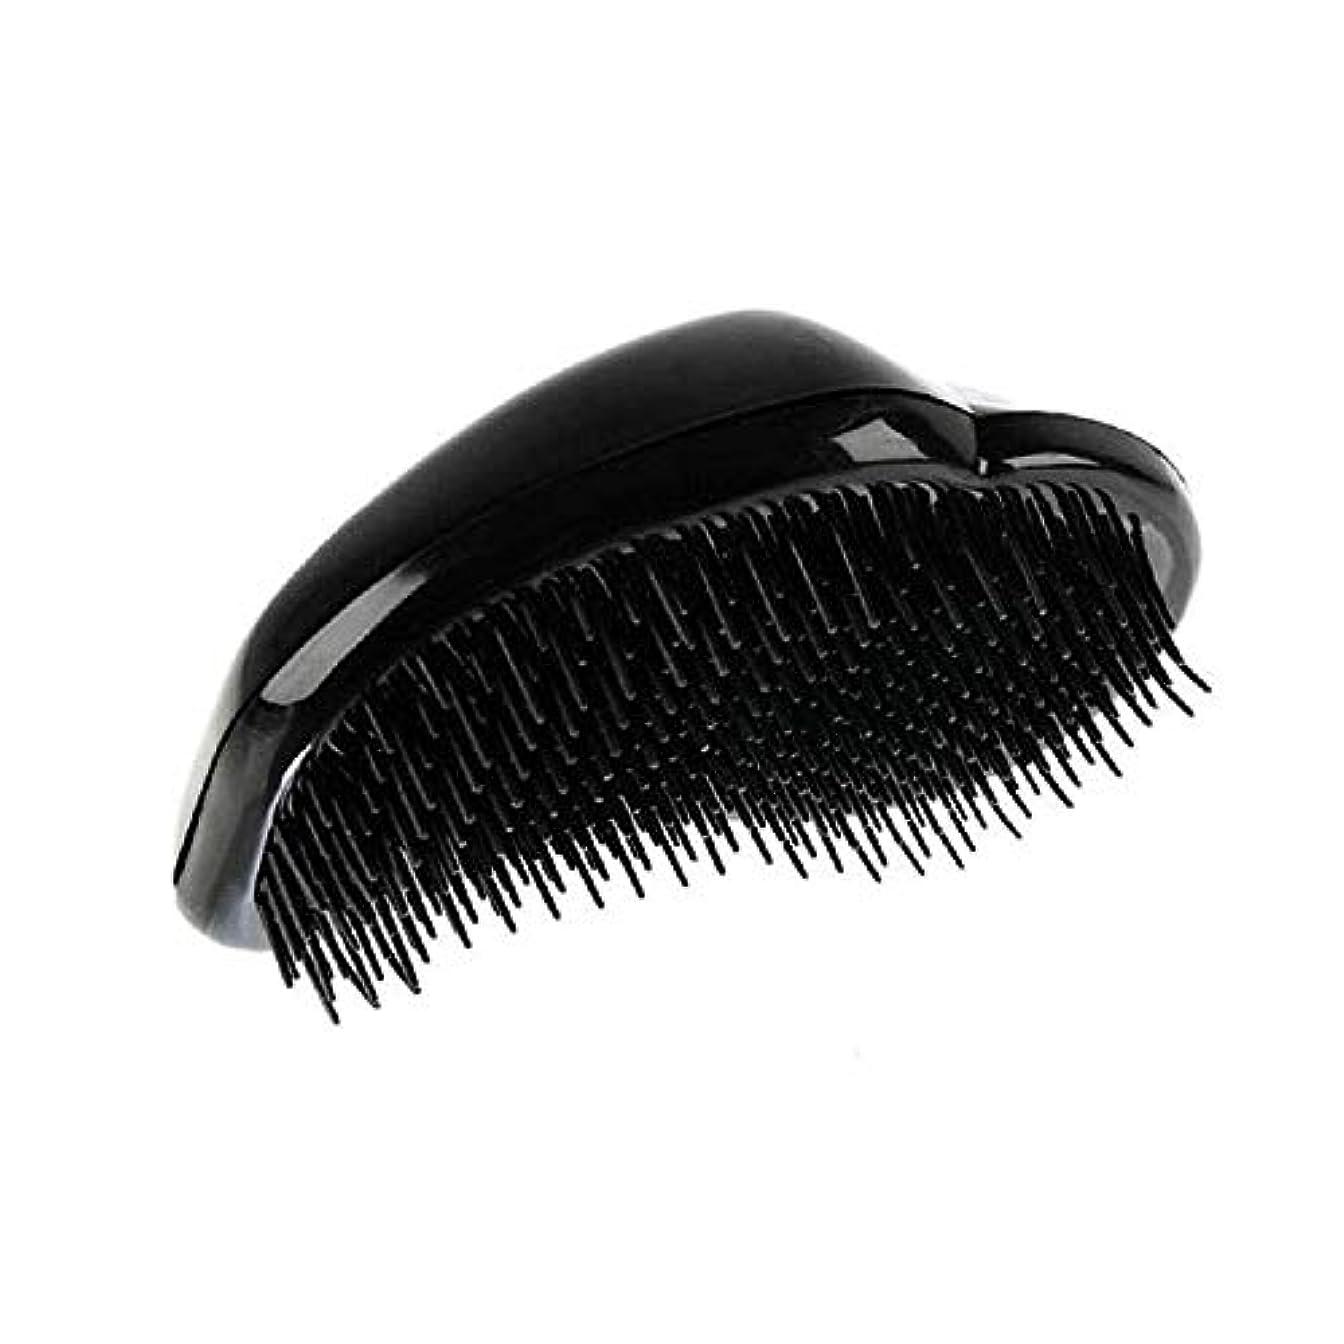 ためにアトミックケーブルカー1st market 黒のプラスチック製の髪の櫛理髪の櫛の女性のエアバッグの櫛のマッサージの櫛のヘアブラシ帯電防止デタングルの櫛パーフェクト軽量ポケットサイズ1ピース耐久性と便利